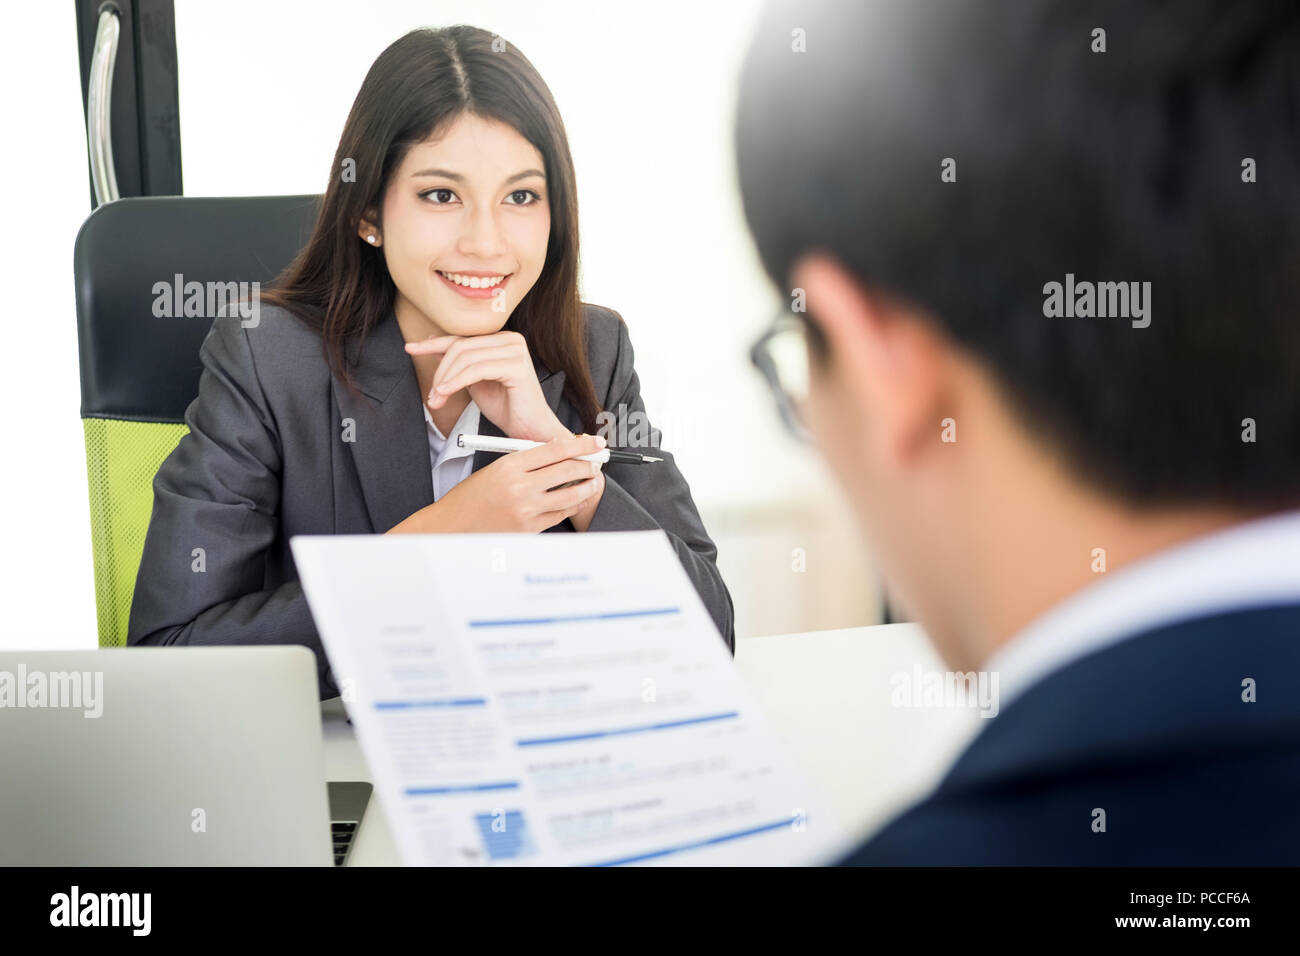 Femme Manager mener une entrevue d'emploi avec candidate à un air narquois avec son CV dans sa main et parler à son subordonné à l'h Photo Stock